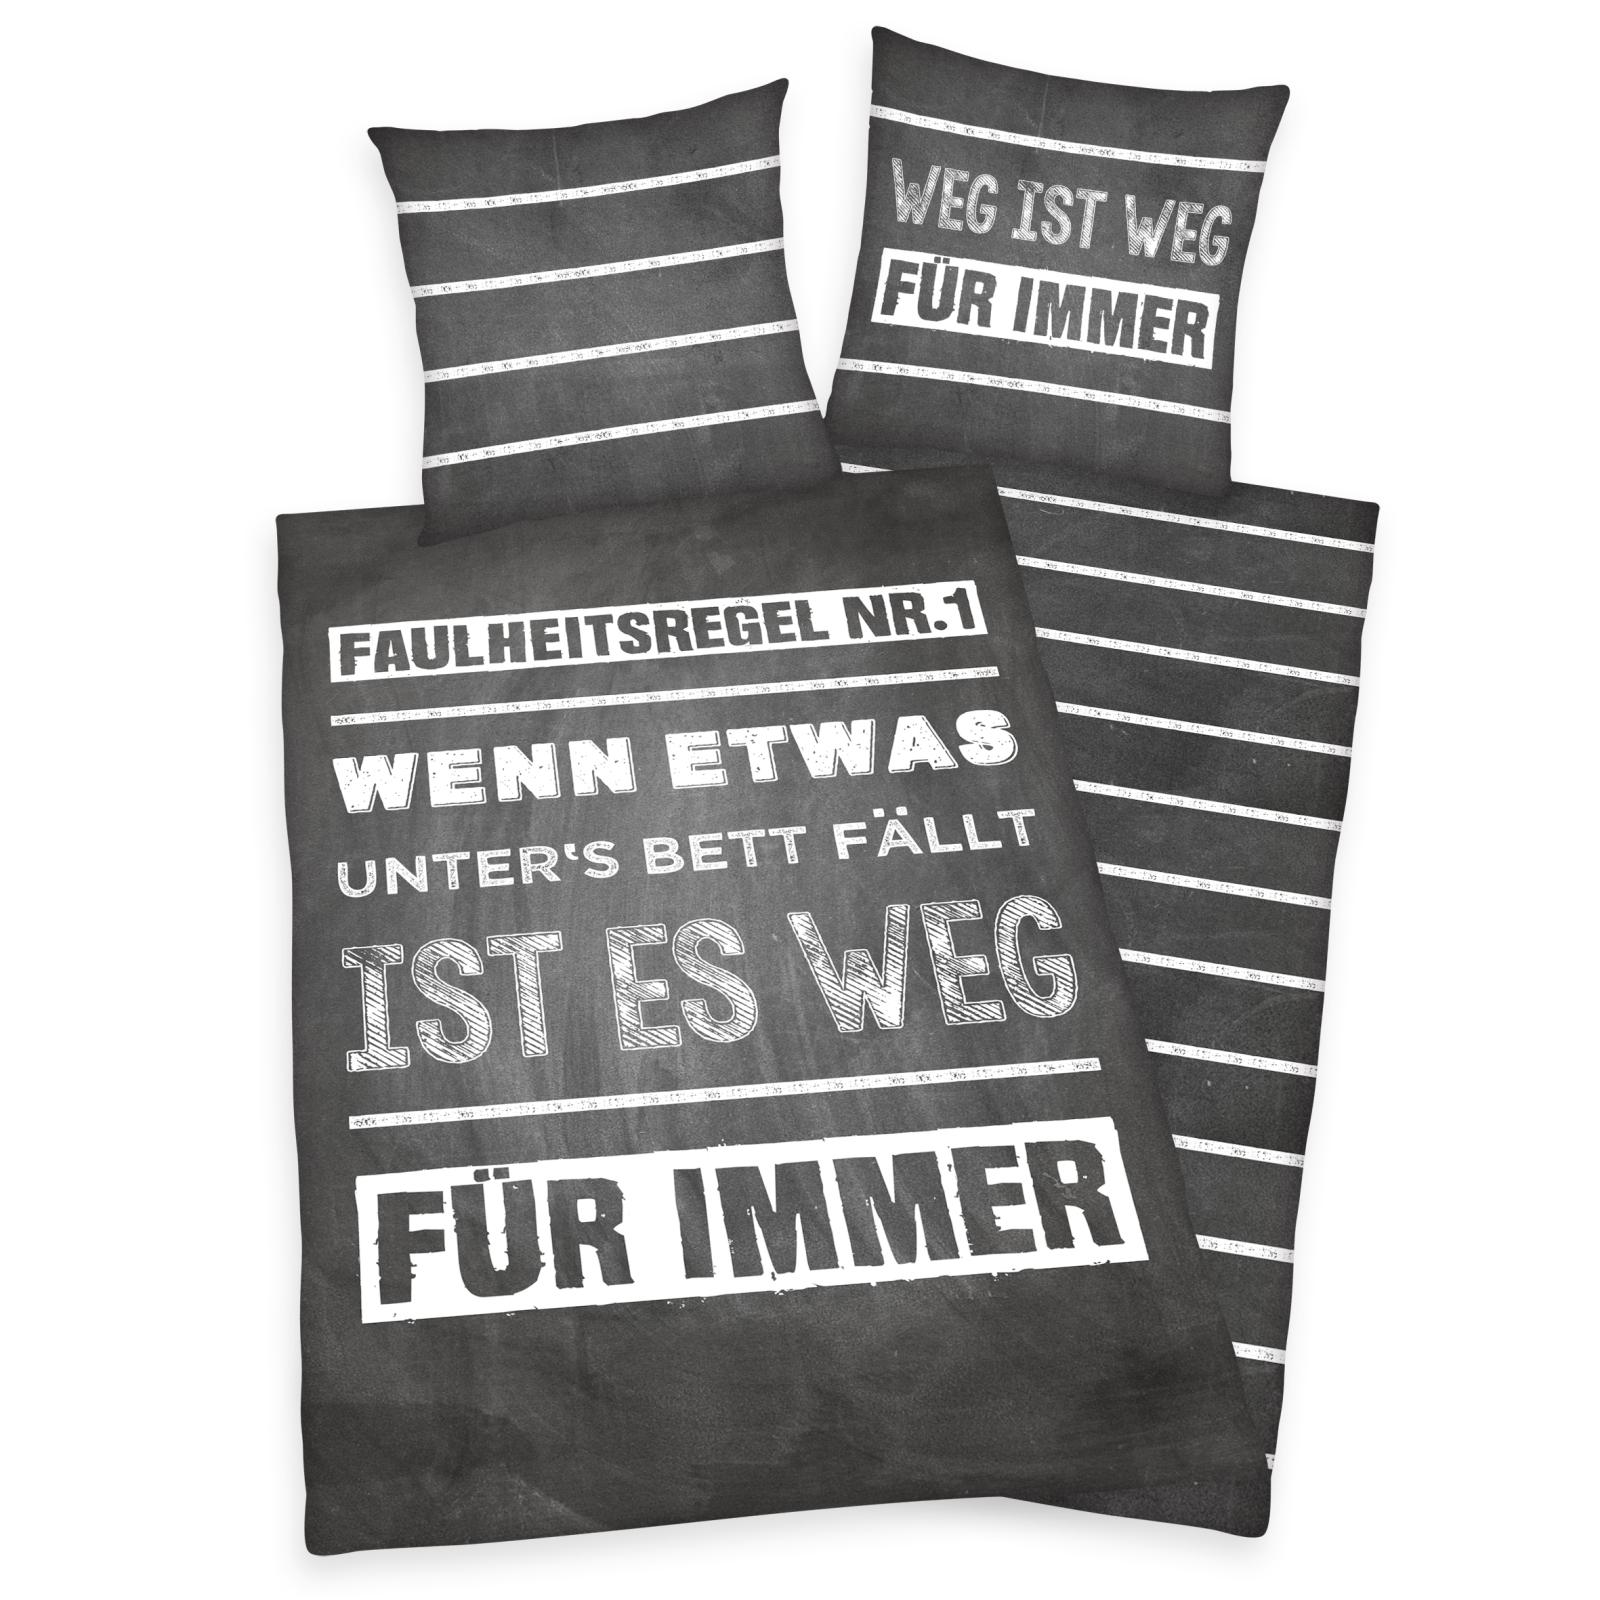 Full Size of Bettwsche 155x220 Sprche Lustige Mit 135x200 Kche Wandtattoos Bettwäsche Sprüche T Shirt T Shirt Wohnzimmer Lustige Bettwäsche 155x220